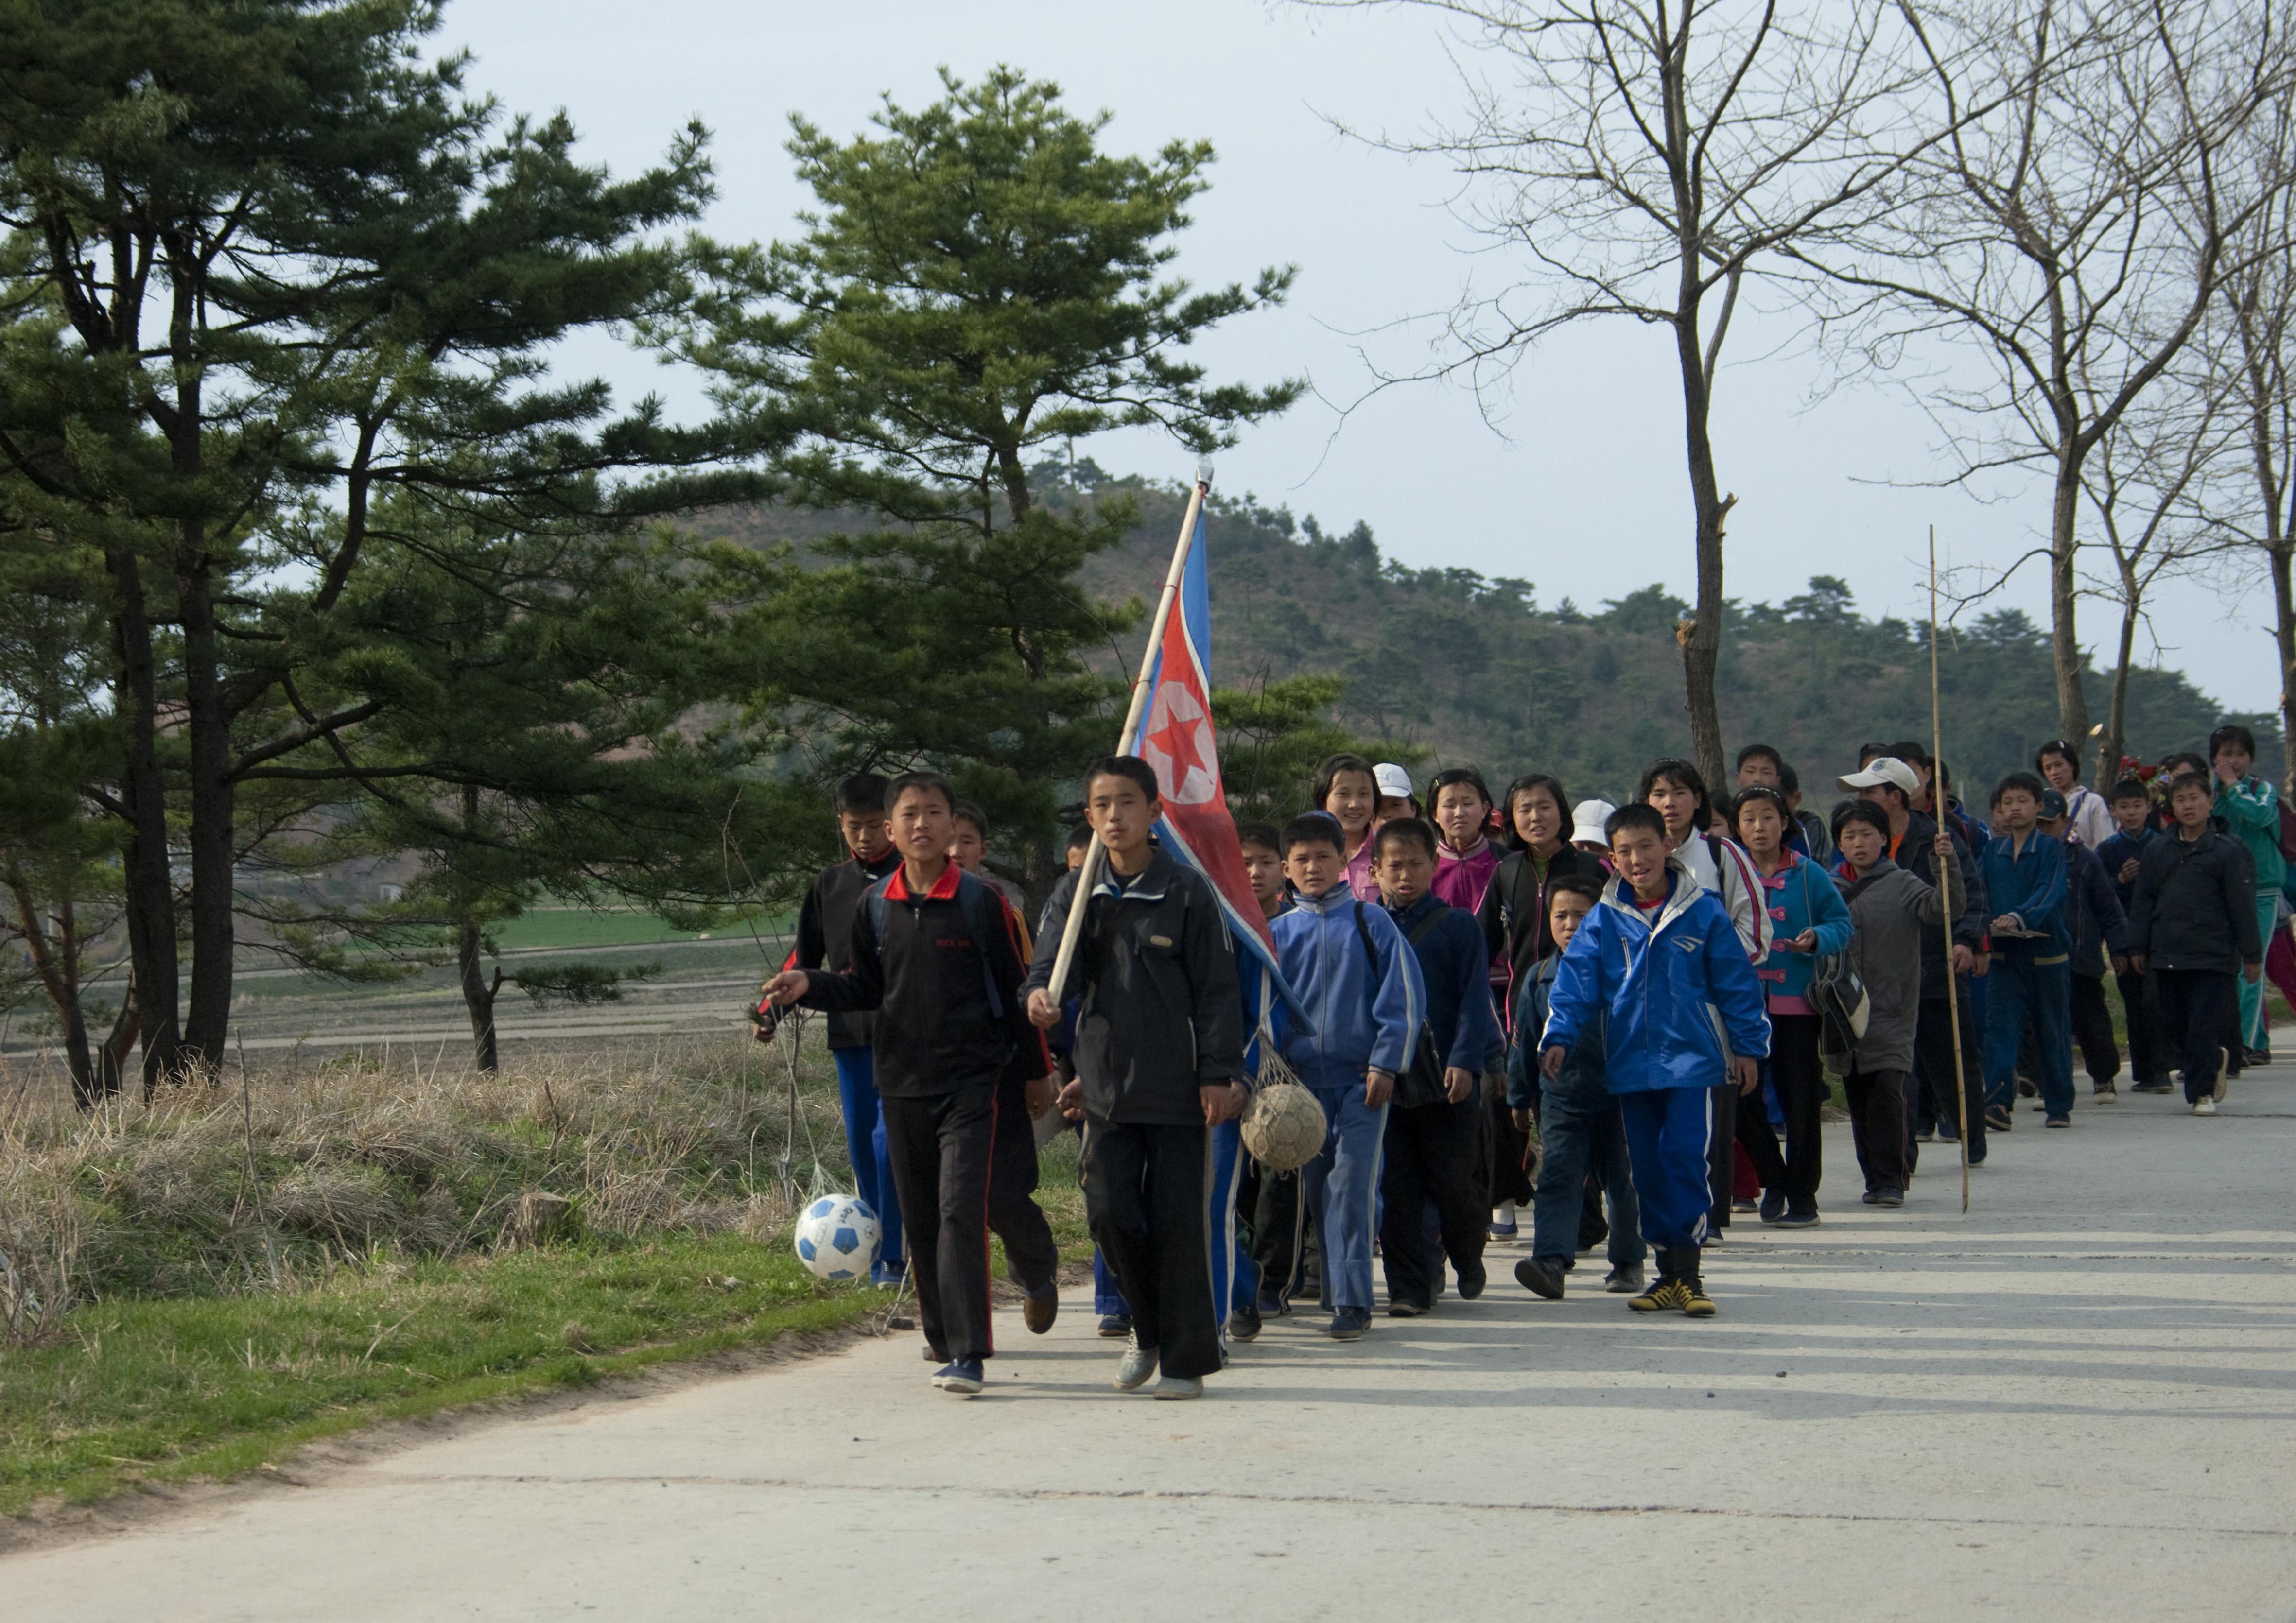 Észak-Korea szerint náluk nincs gyerekmunka, a fiatalok önként és boldogan mennek a bányába dolgozni